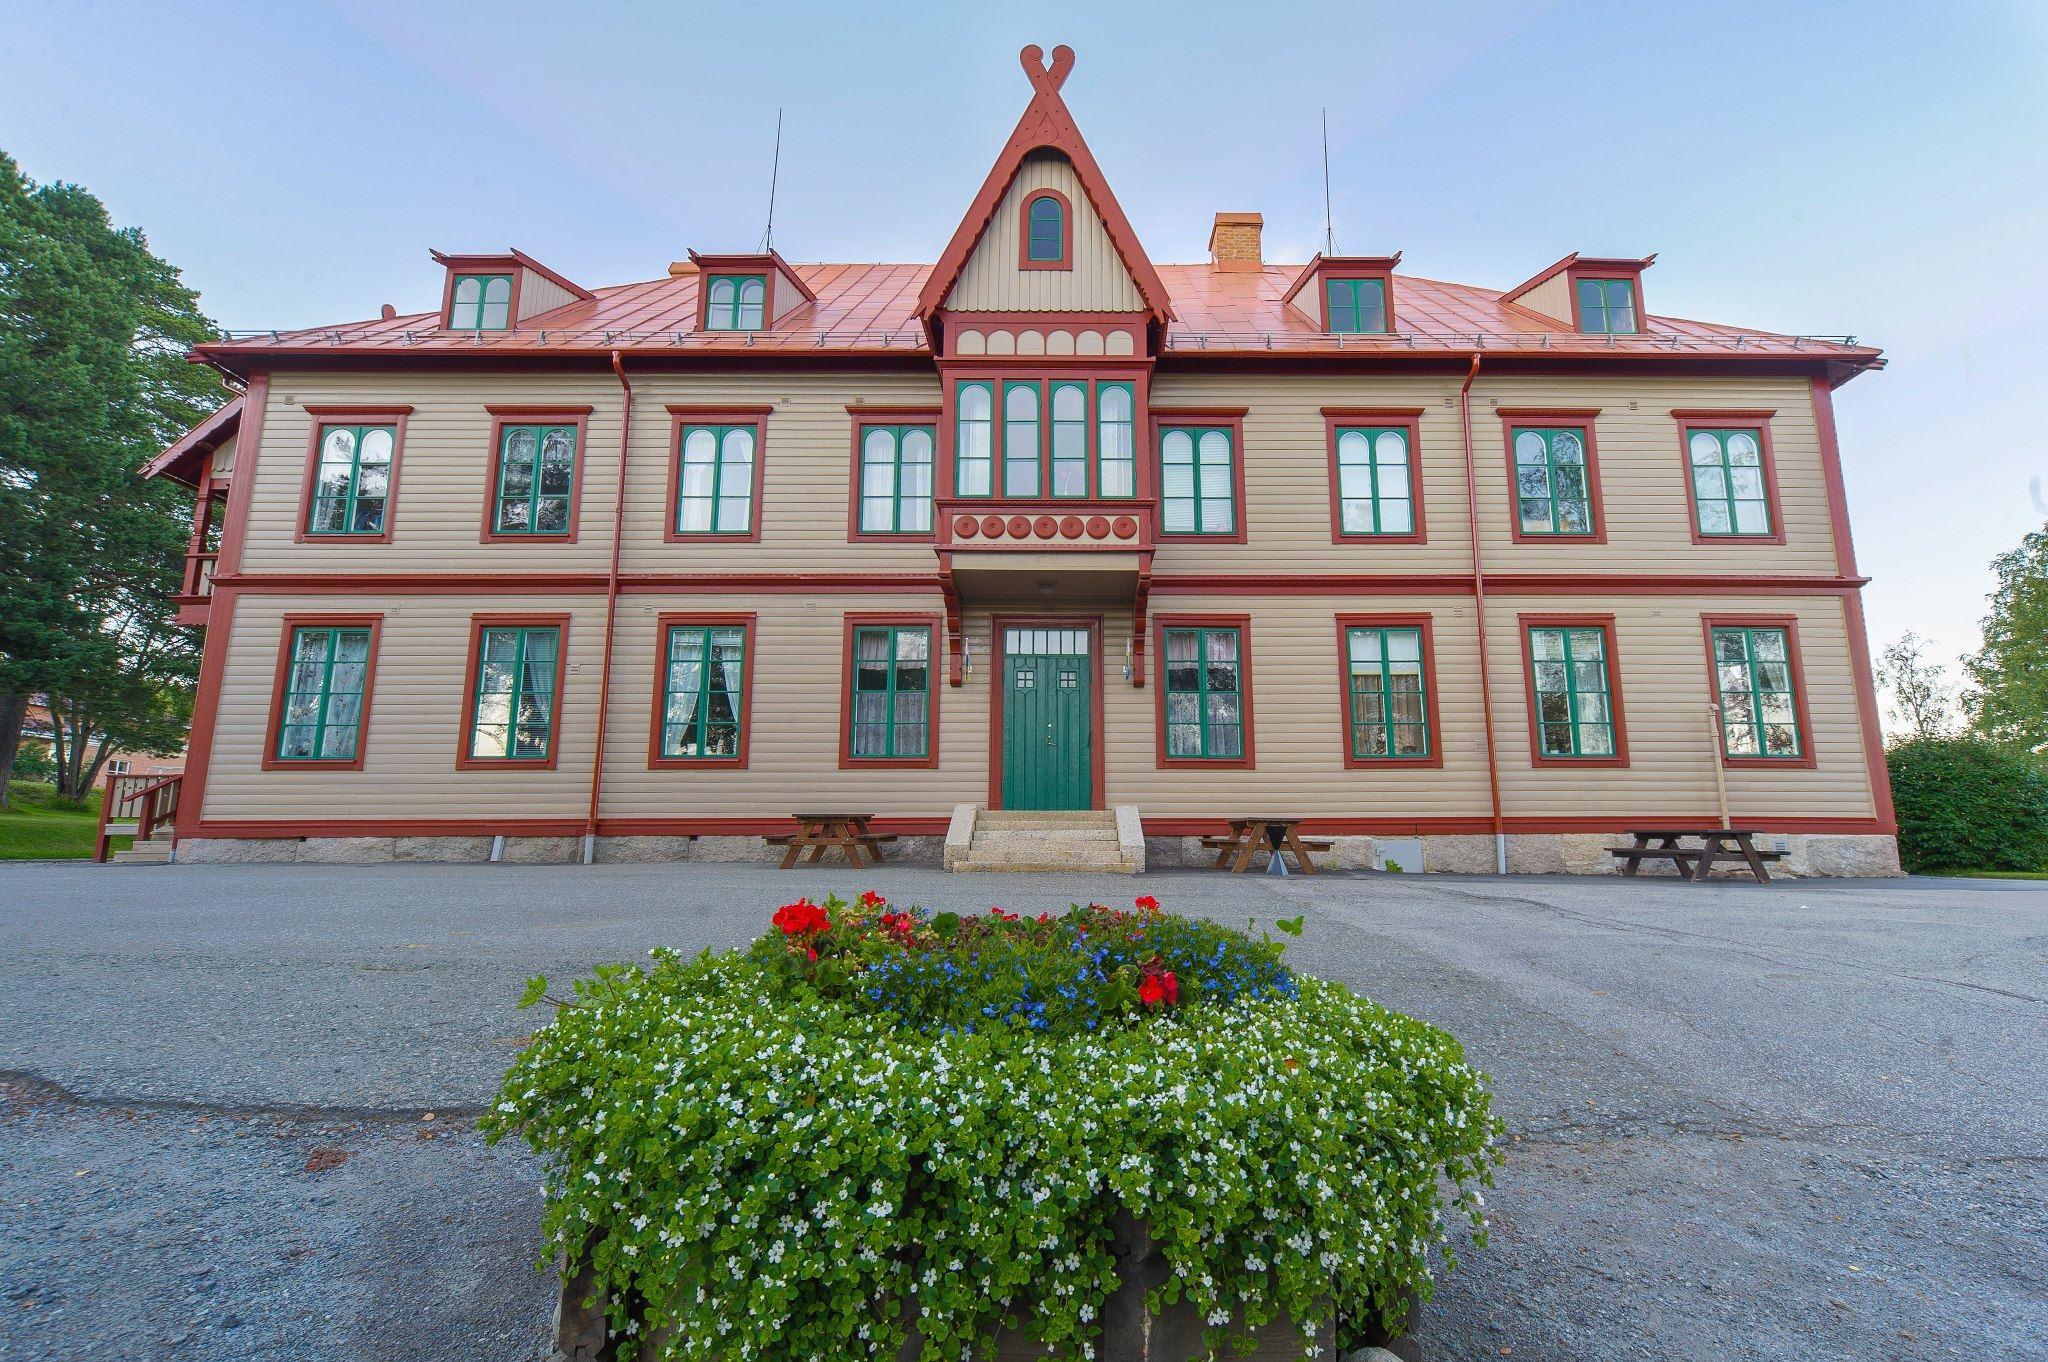 Lars Johansson, Vilhelmina Turistbyrå/TouristCenter